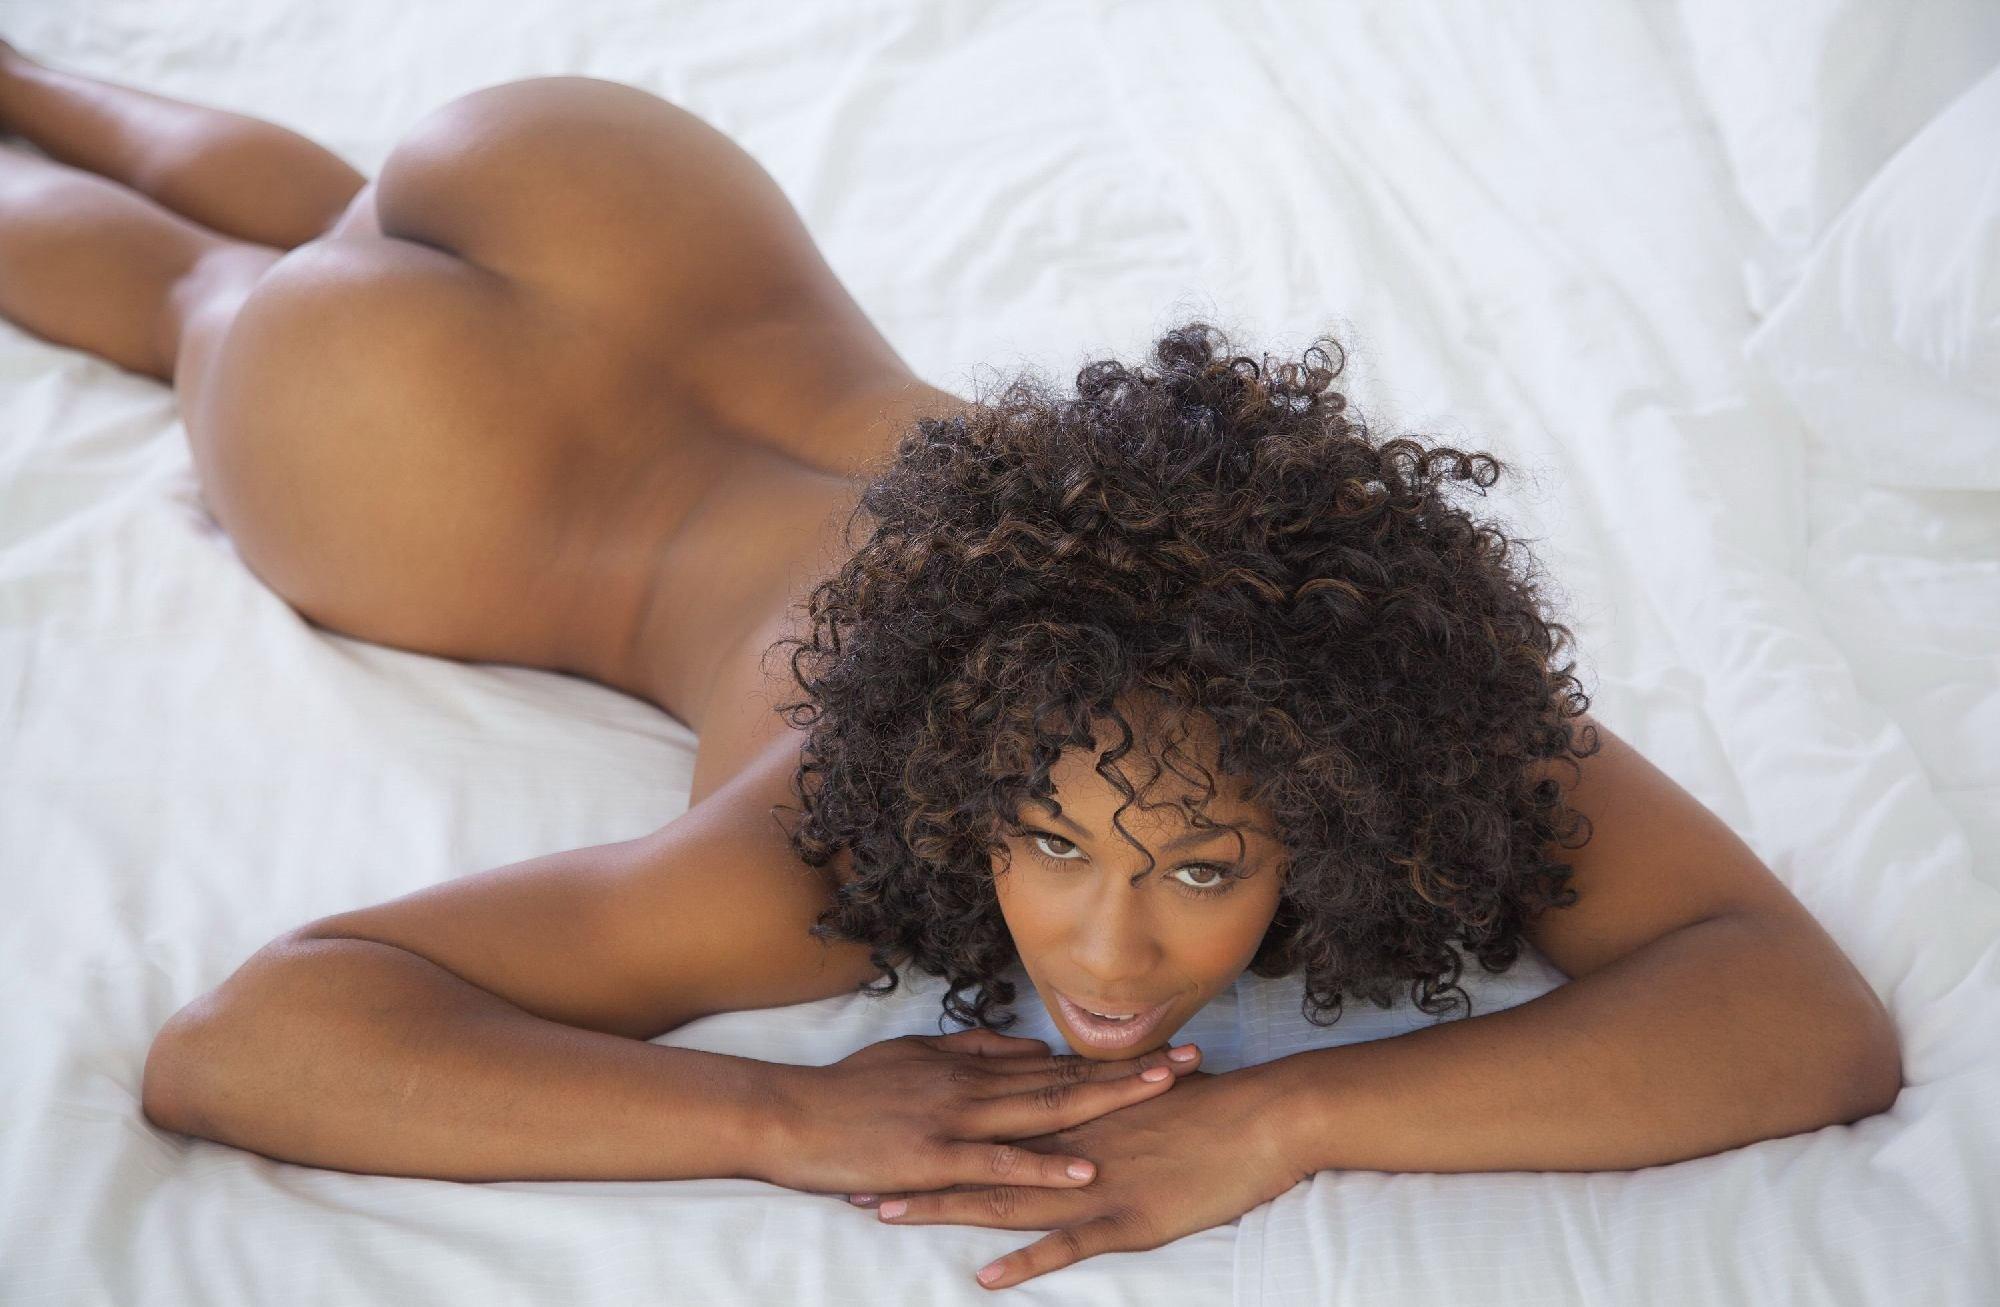 негритянская эротика онлайн доведение всеобщего